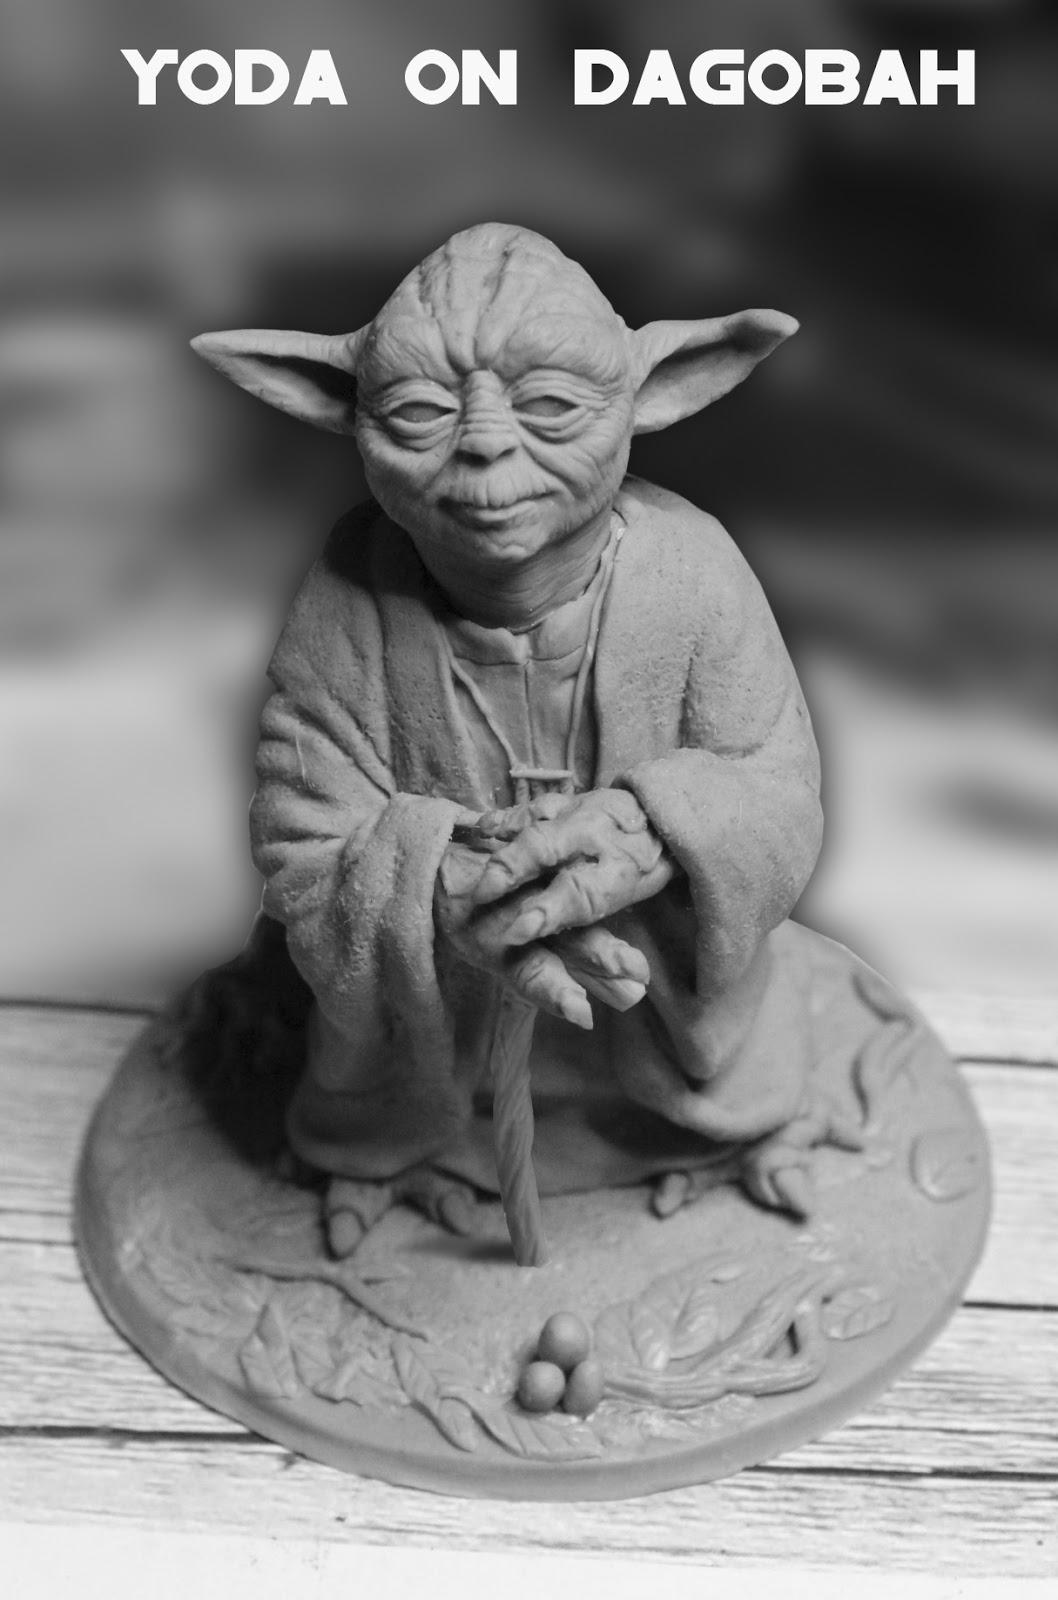 Yoda sur Dagobah Yoda